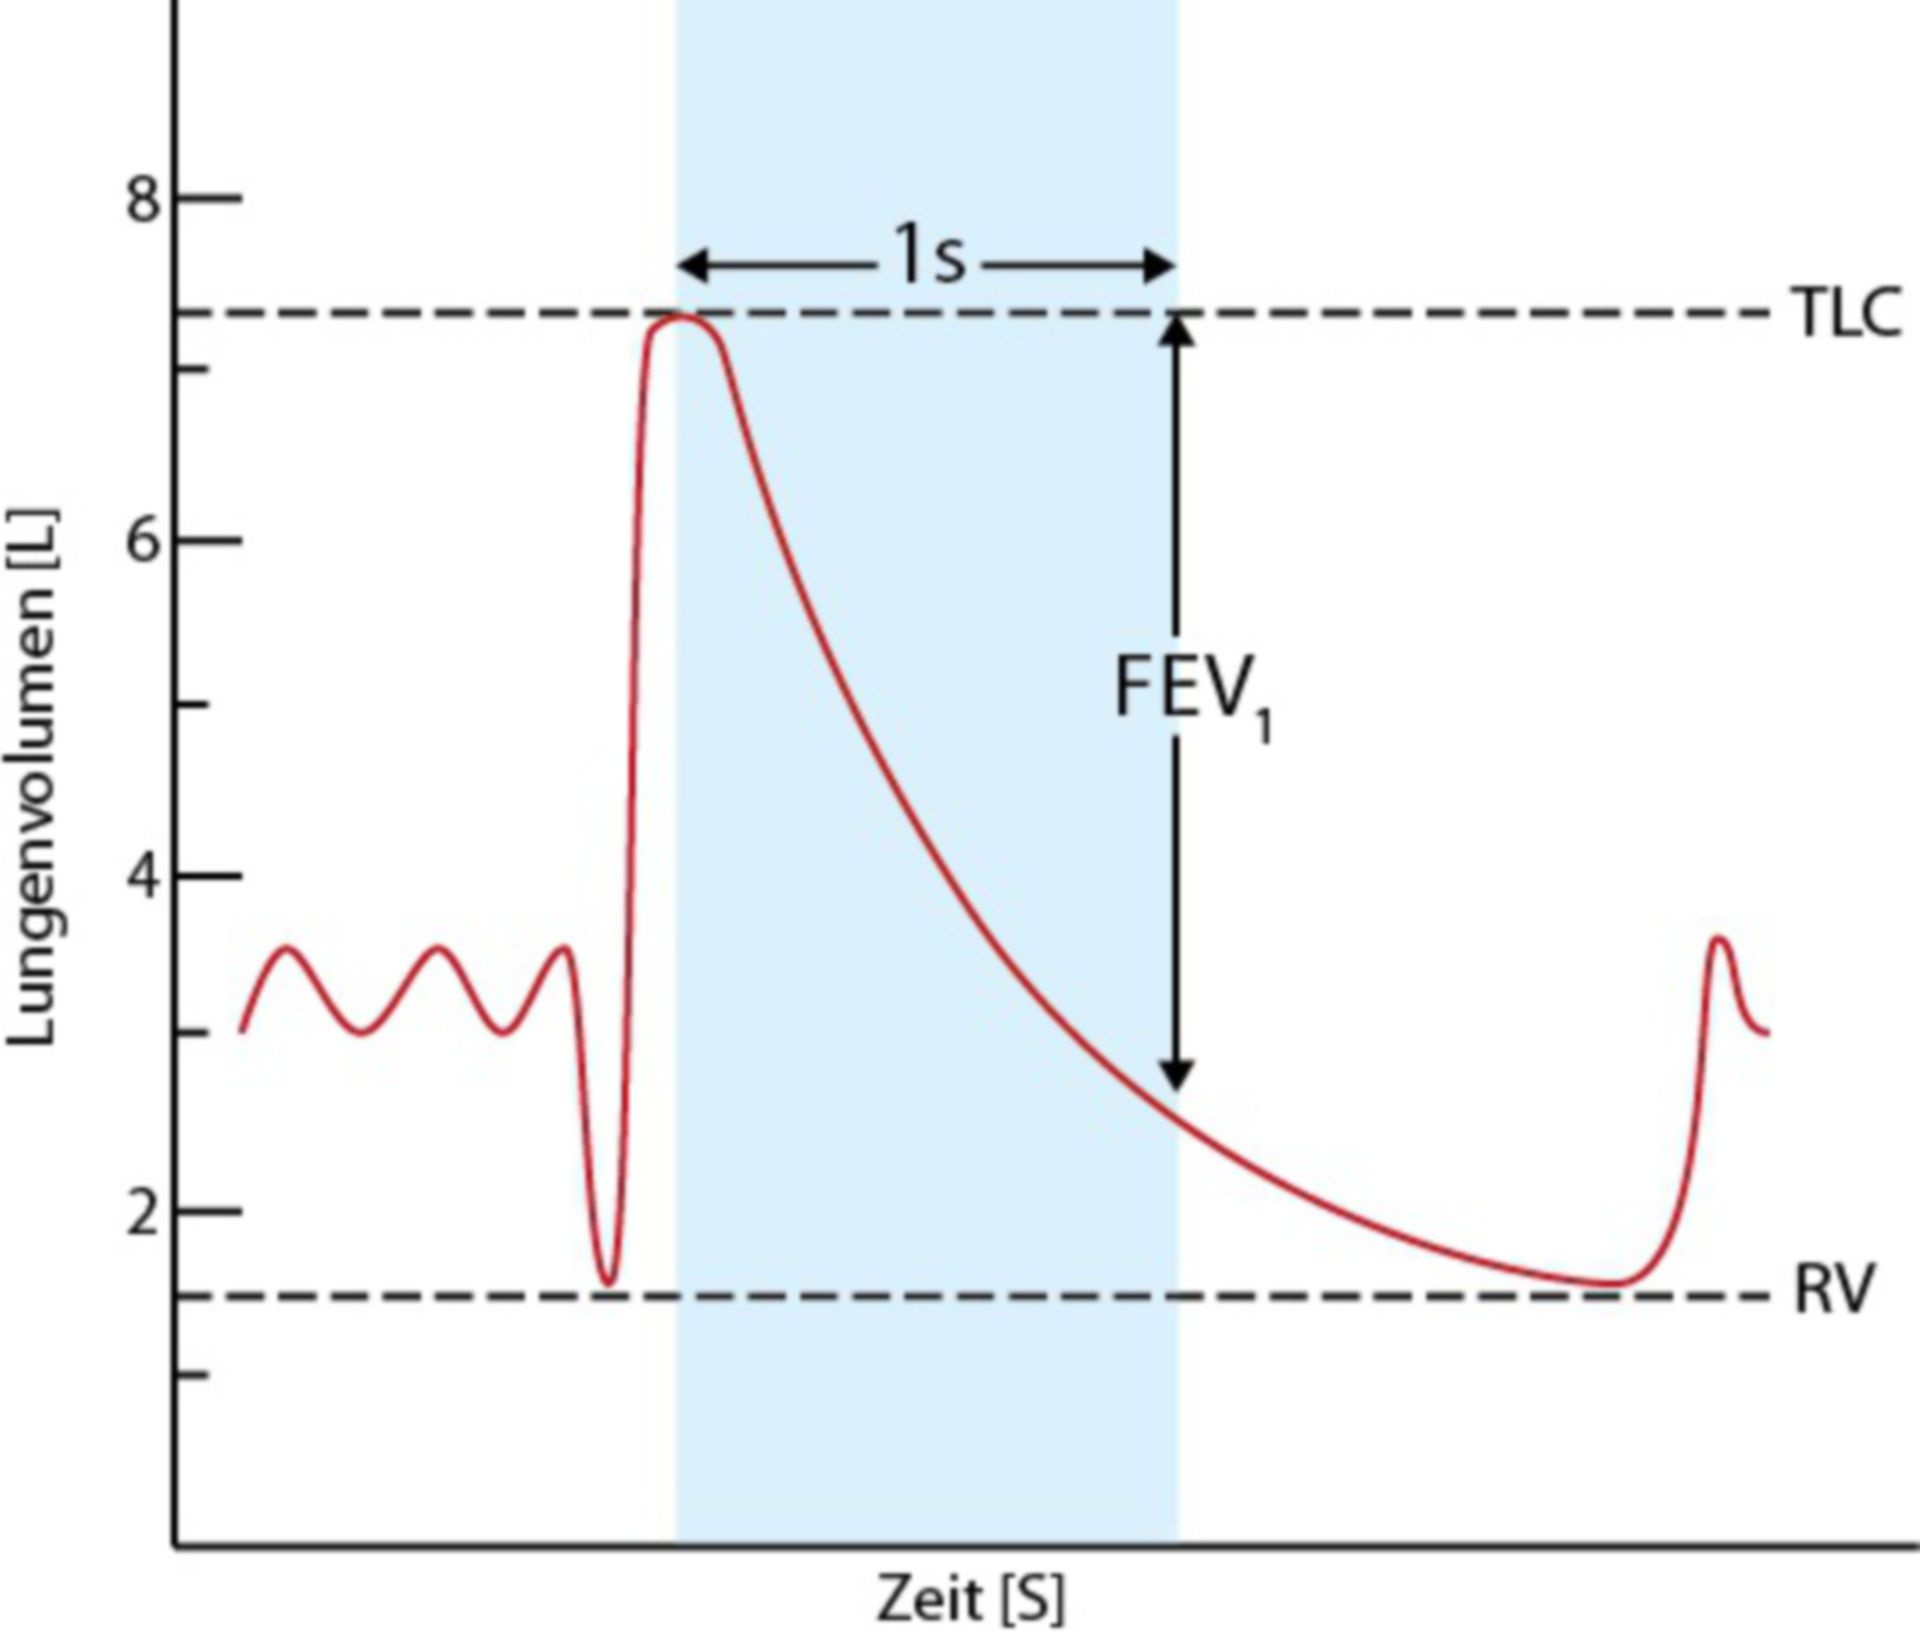 Lungs: Tiffeneau-Test (FEV1)